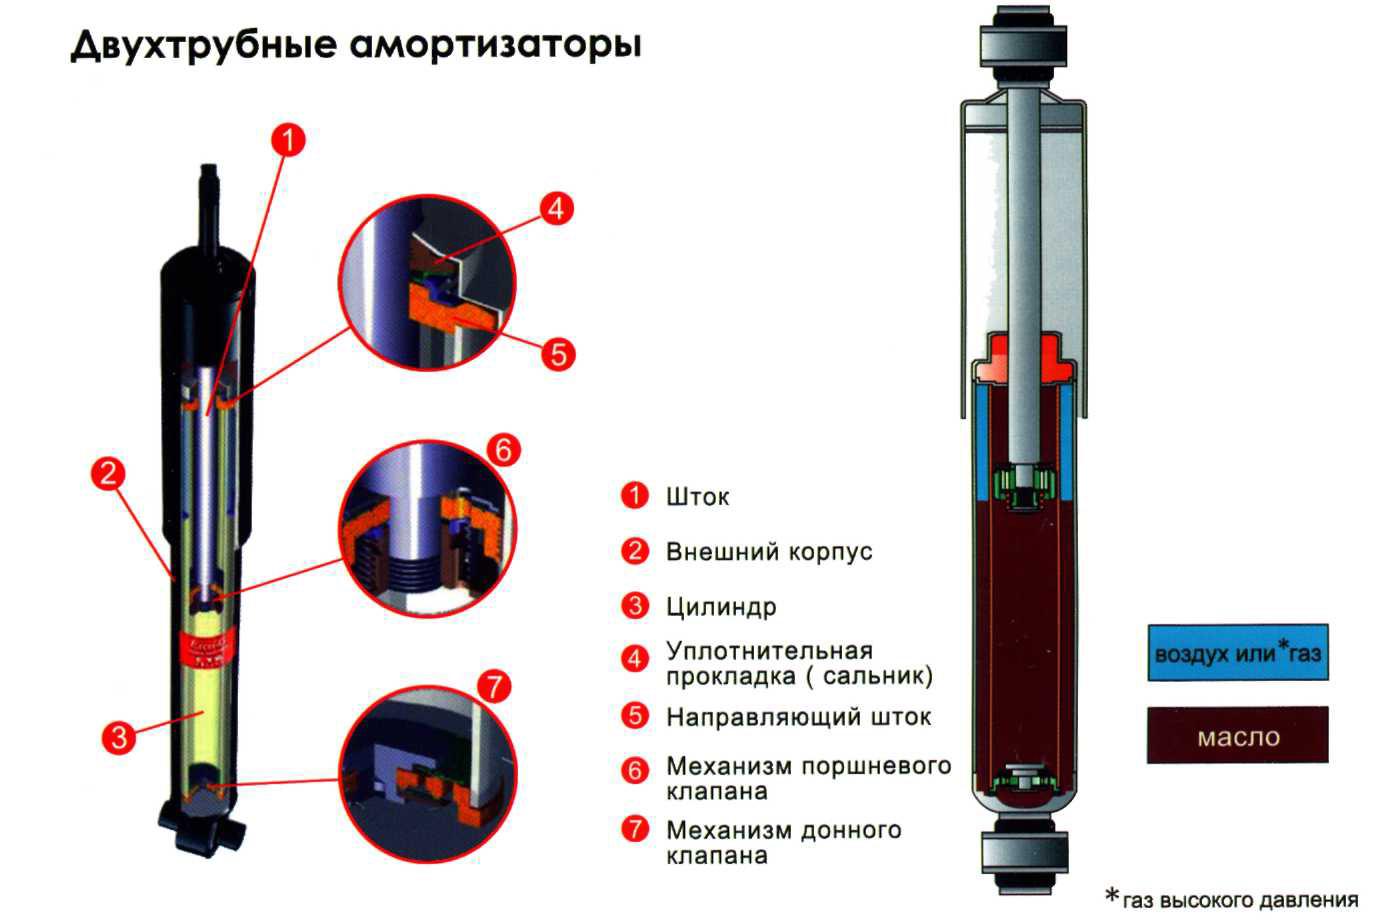 Схема двухтрубного автомобильного амортизатора